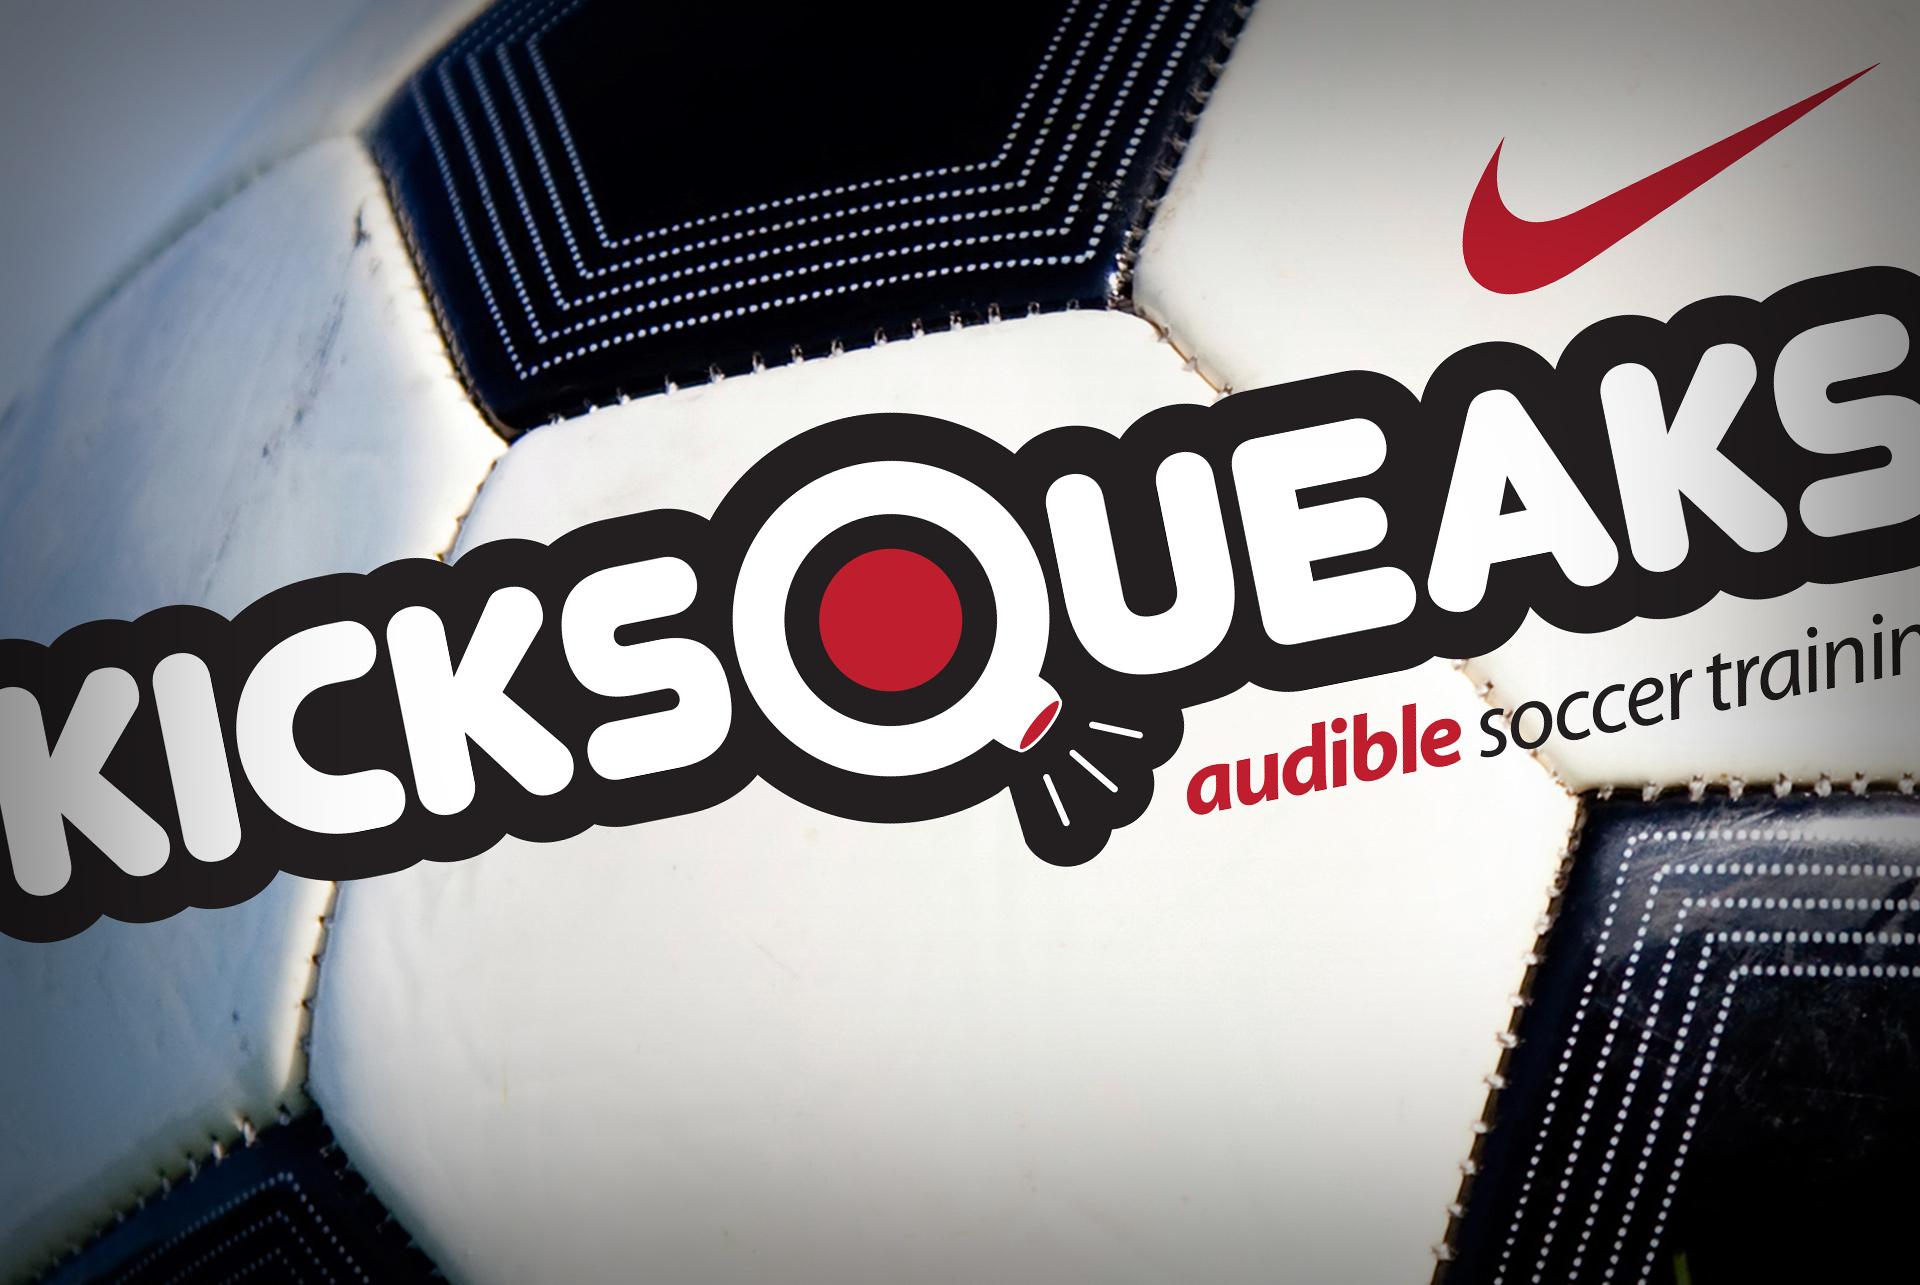 KickSqueaks™